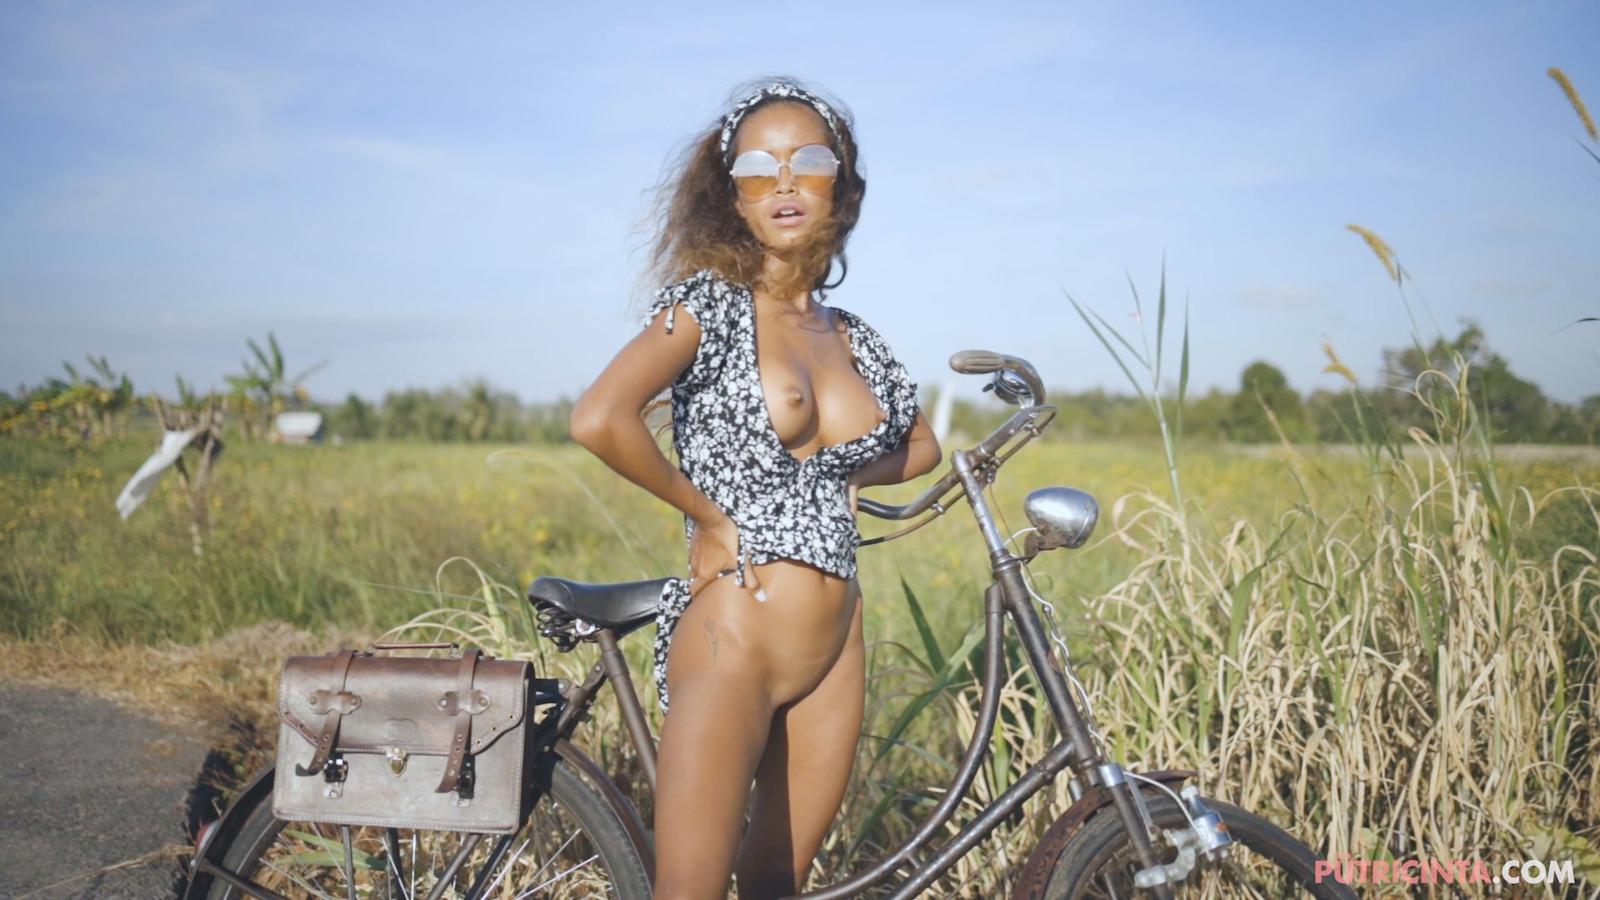 024-cyclingcommando-Putri-Cinta-Mainvid-stills-69.jpg